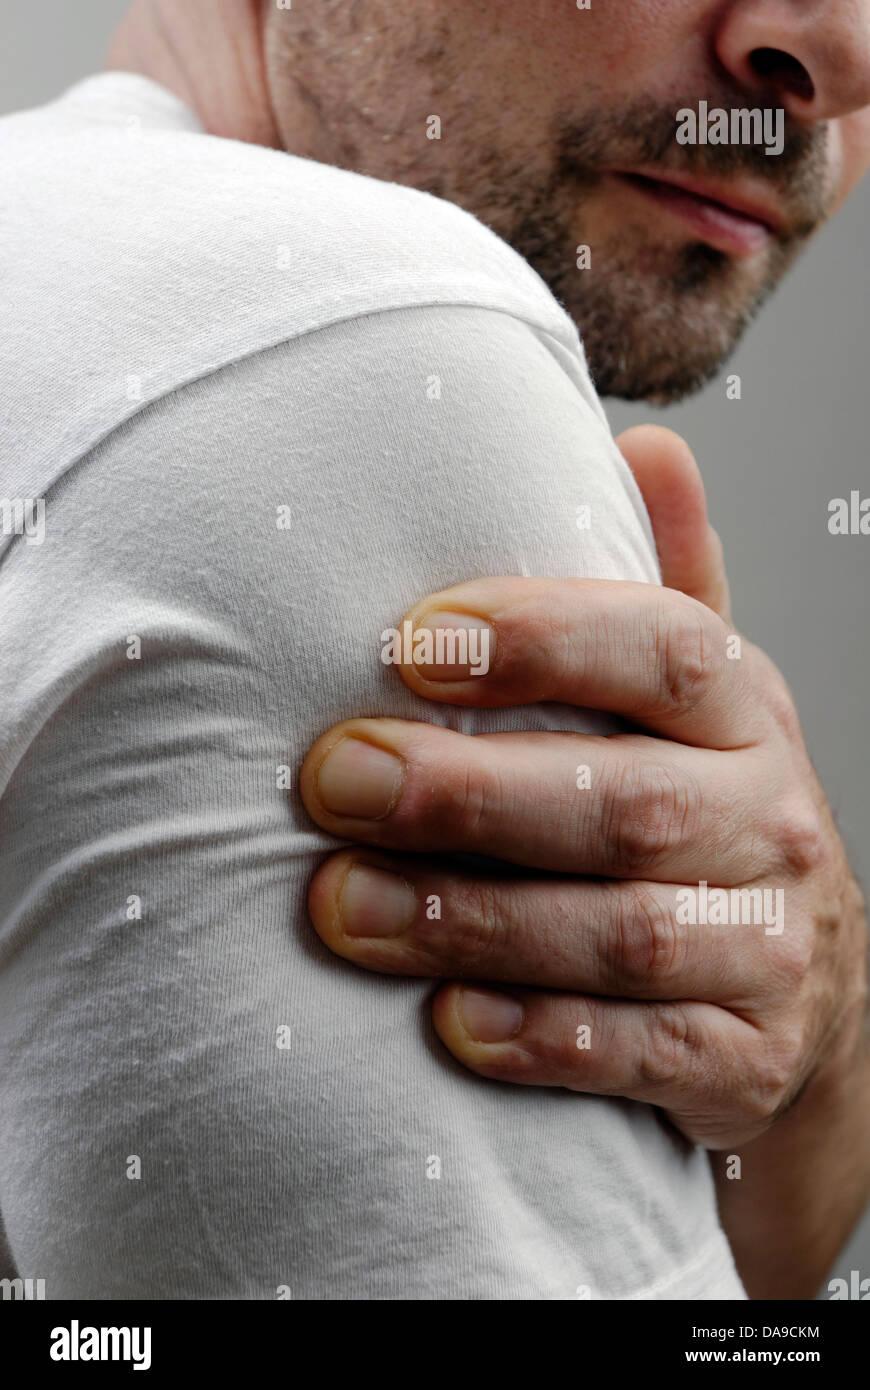 Schmerzen im Oberarm Stockfoto, Bild: 57985192 - Alamy